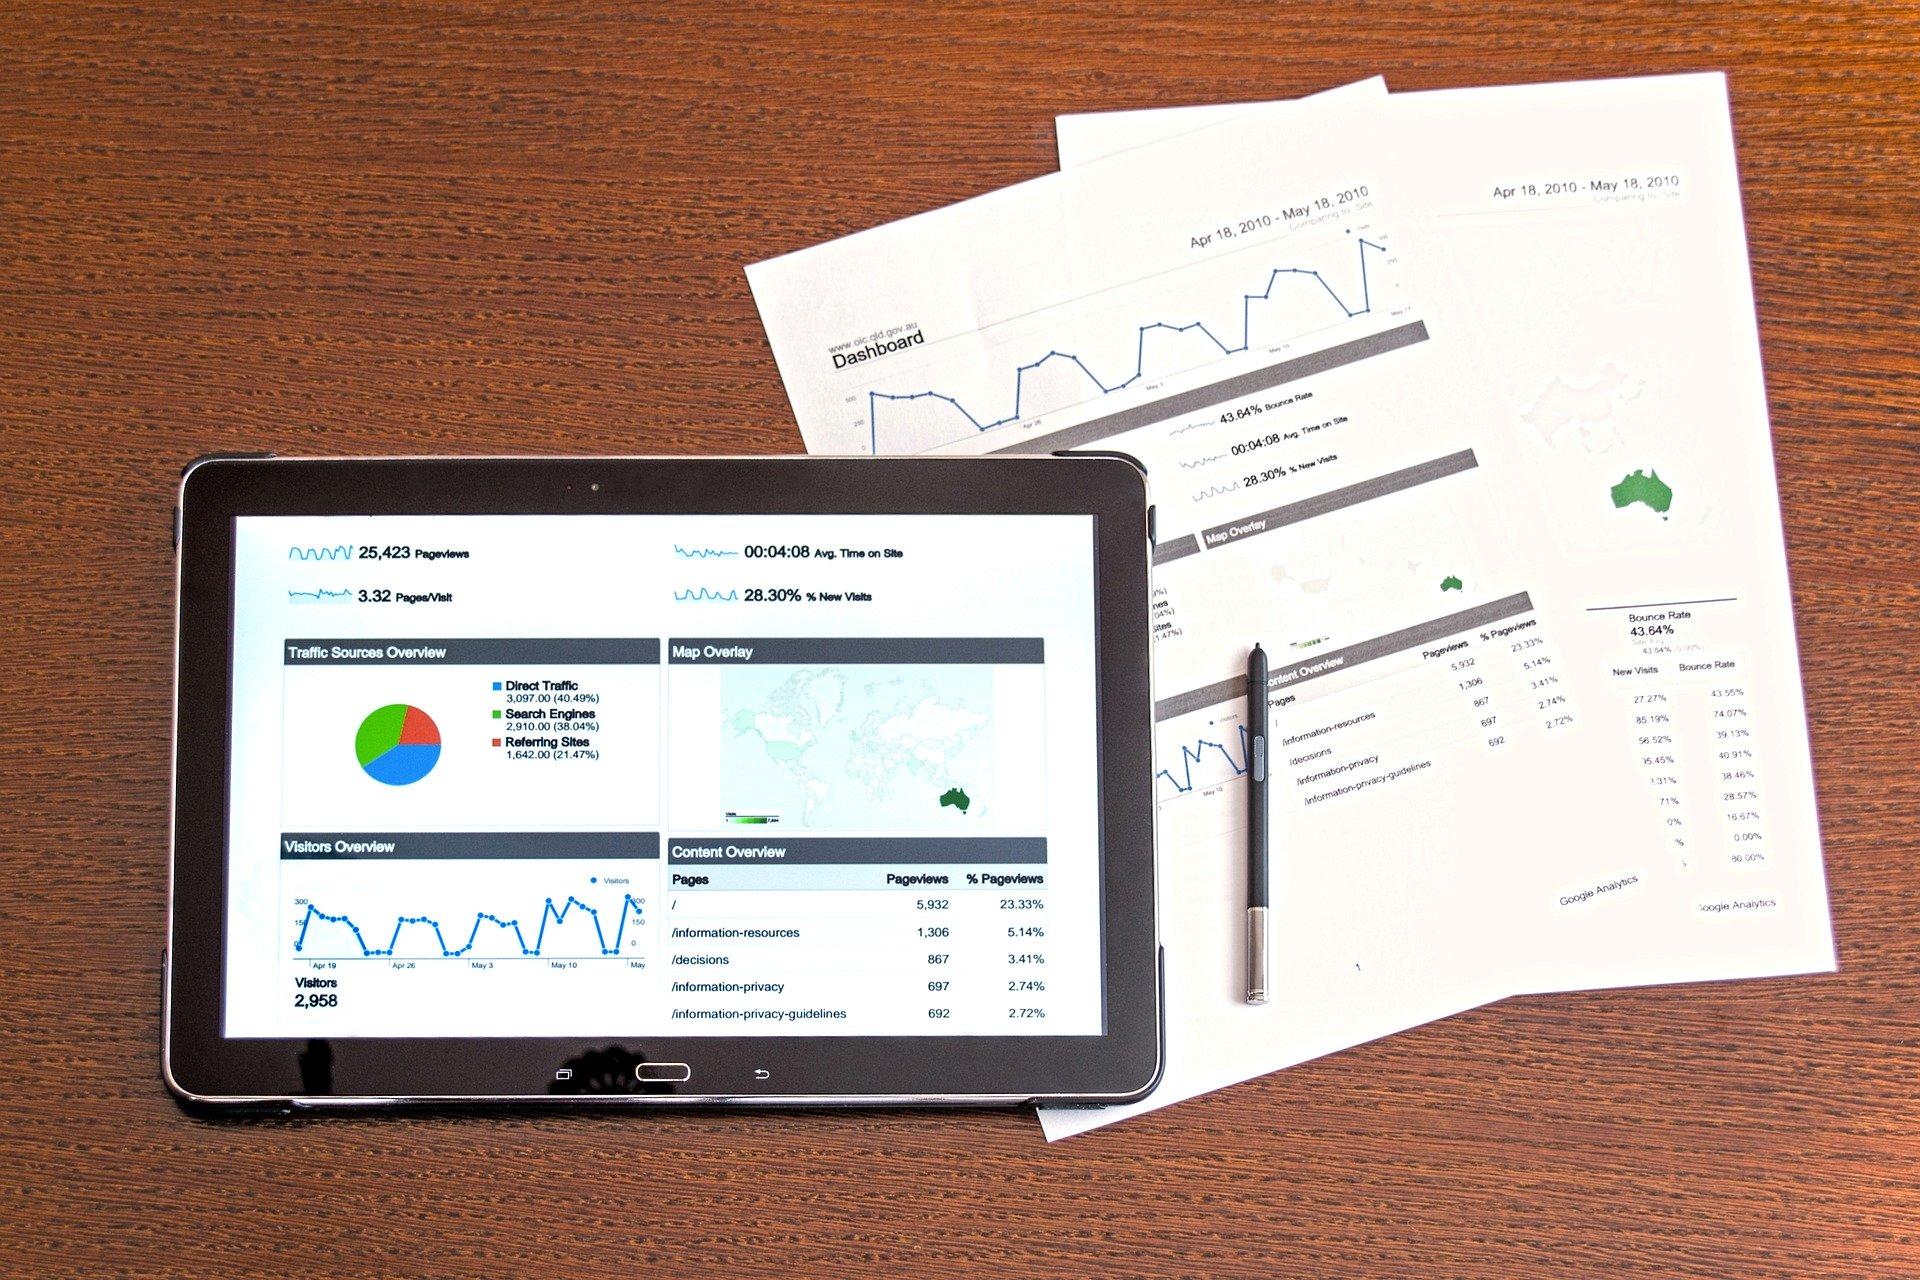 【ファンダメンタル分析】27種類の経営指標をわかりやすく解説